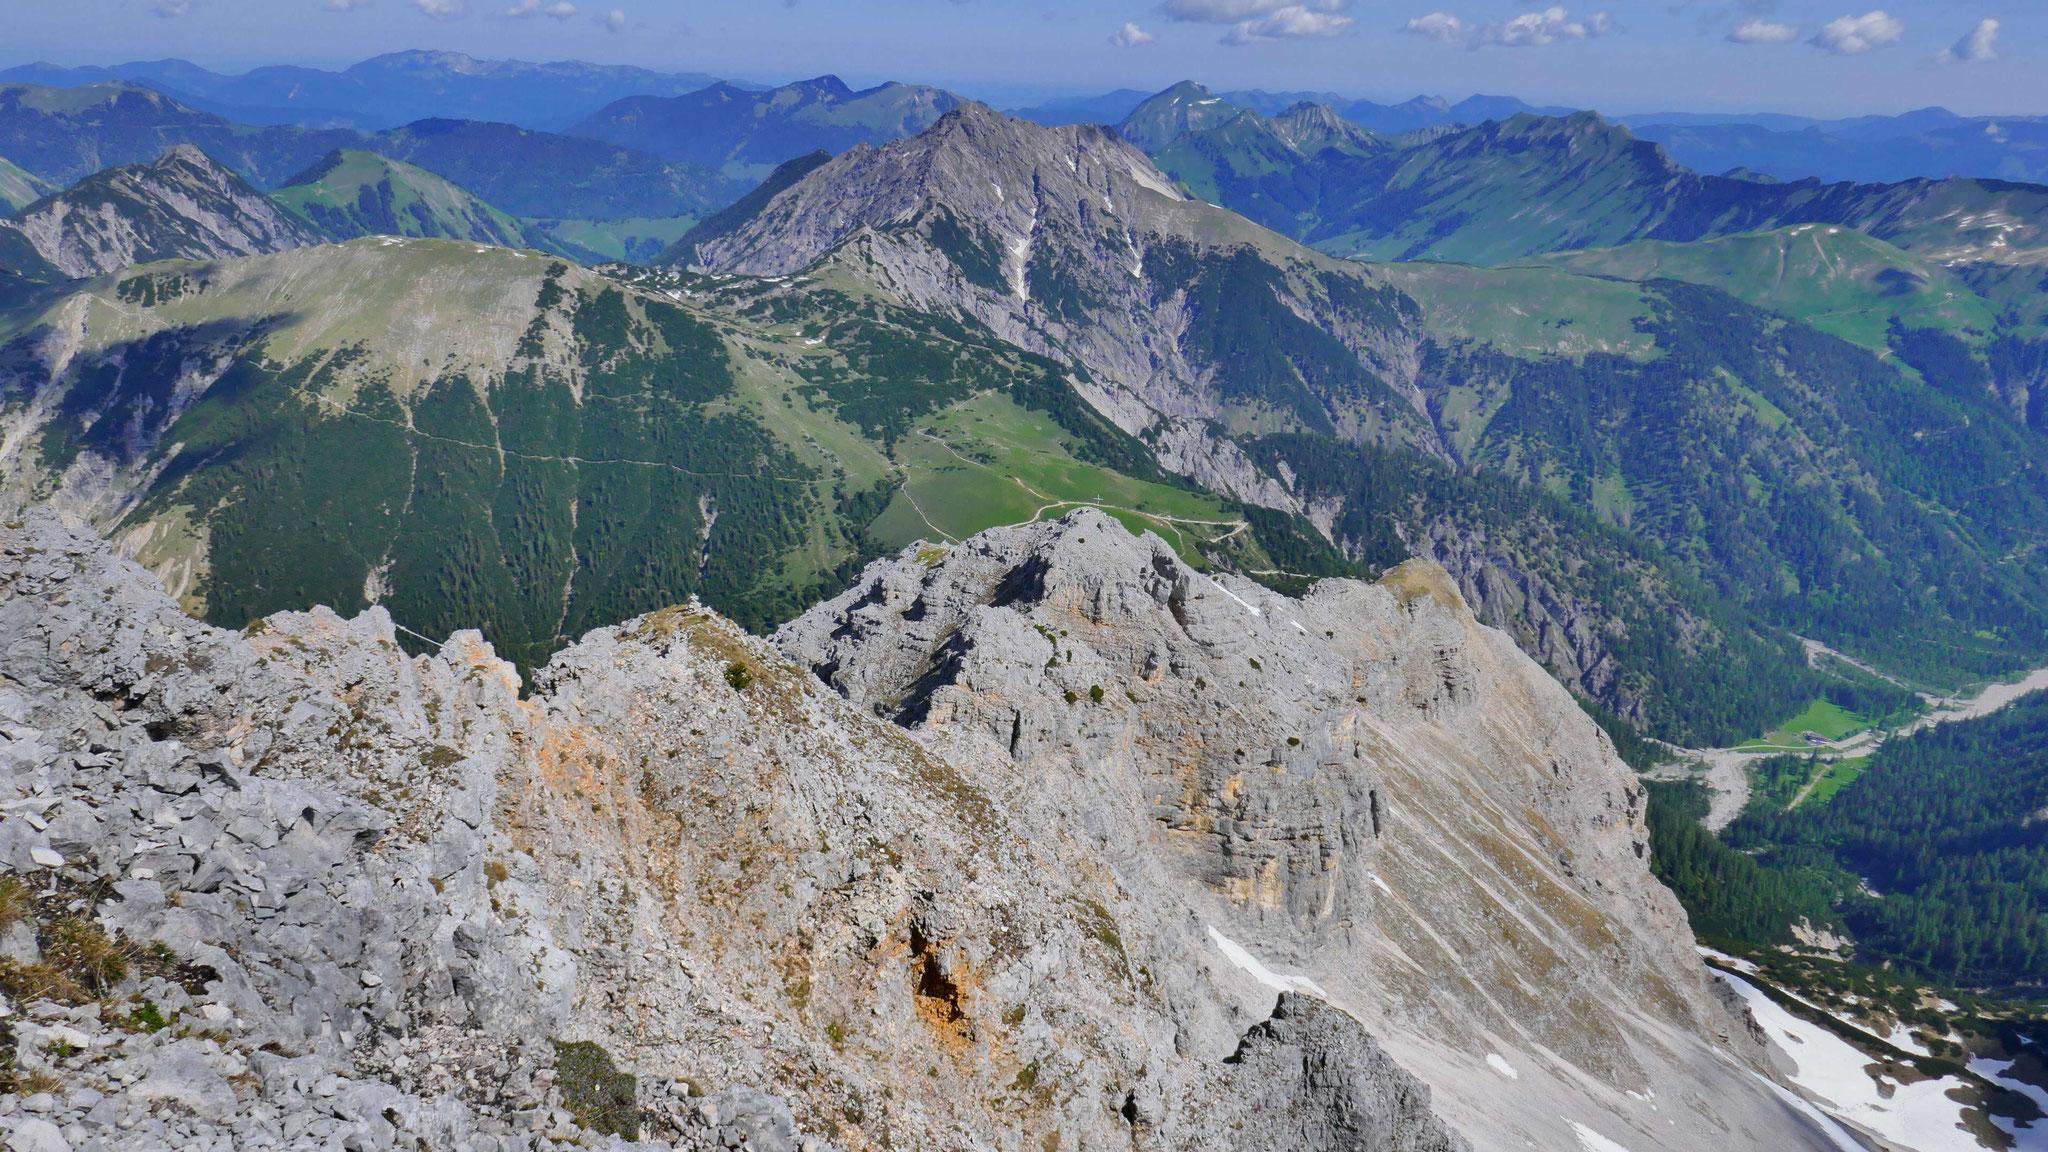 Nordgrat zum Vorgipfel der Bettlerkarspitze, rechts Gerntal